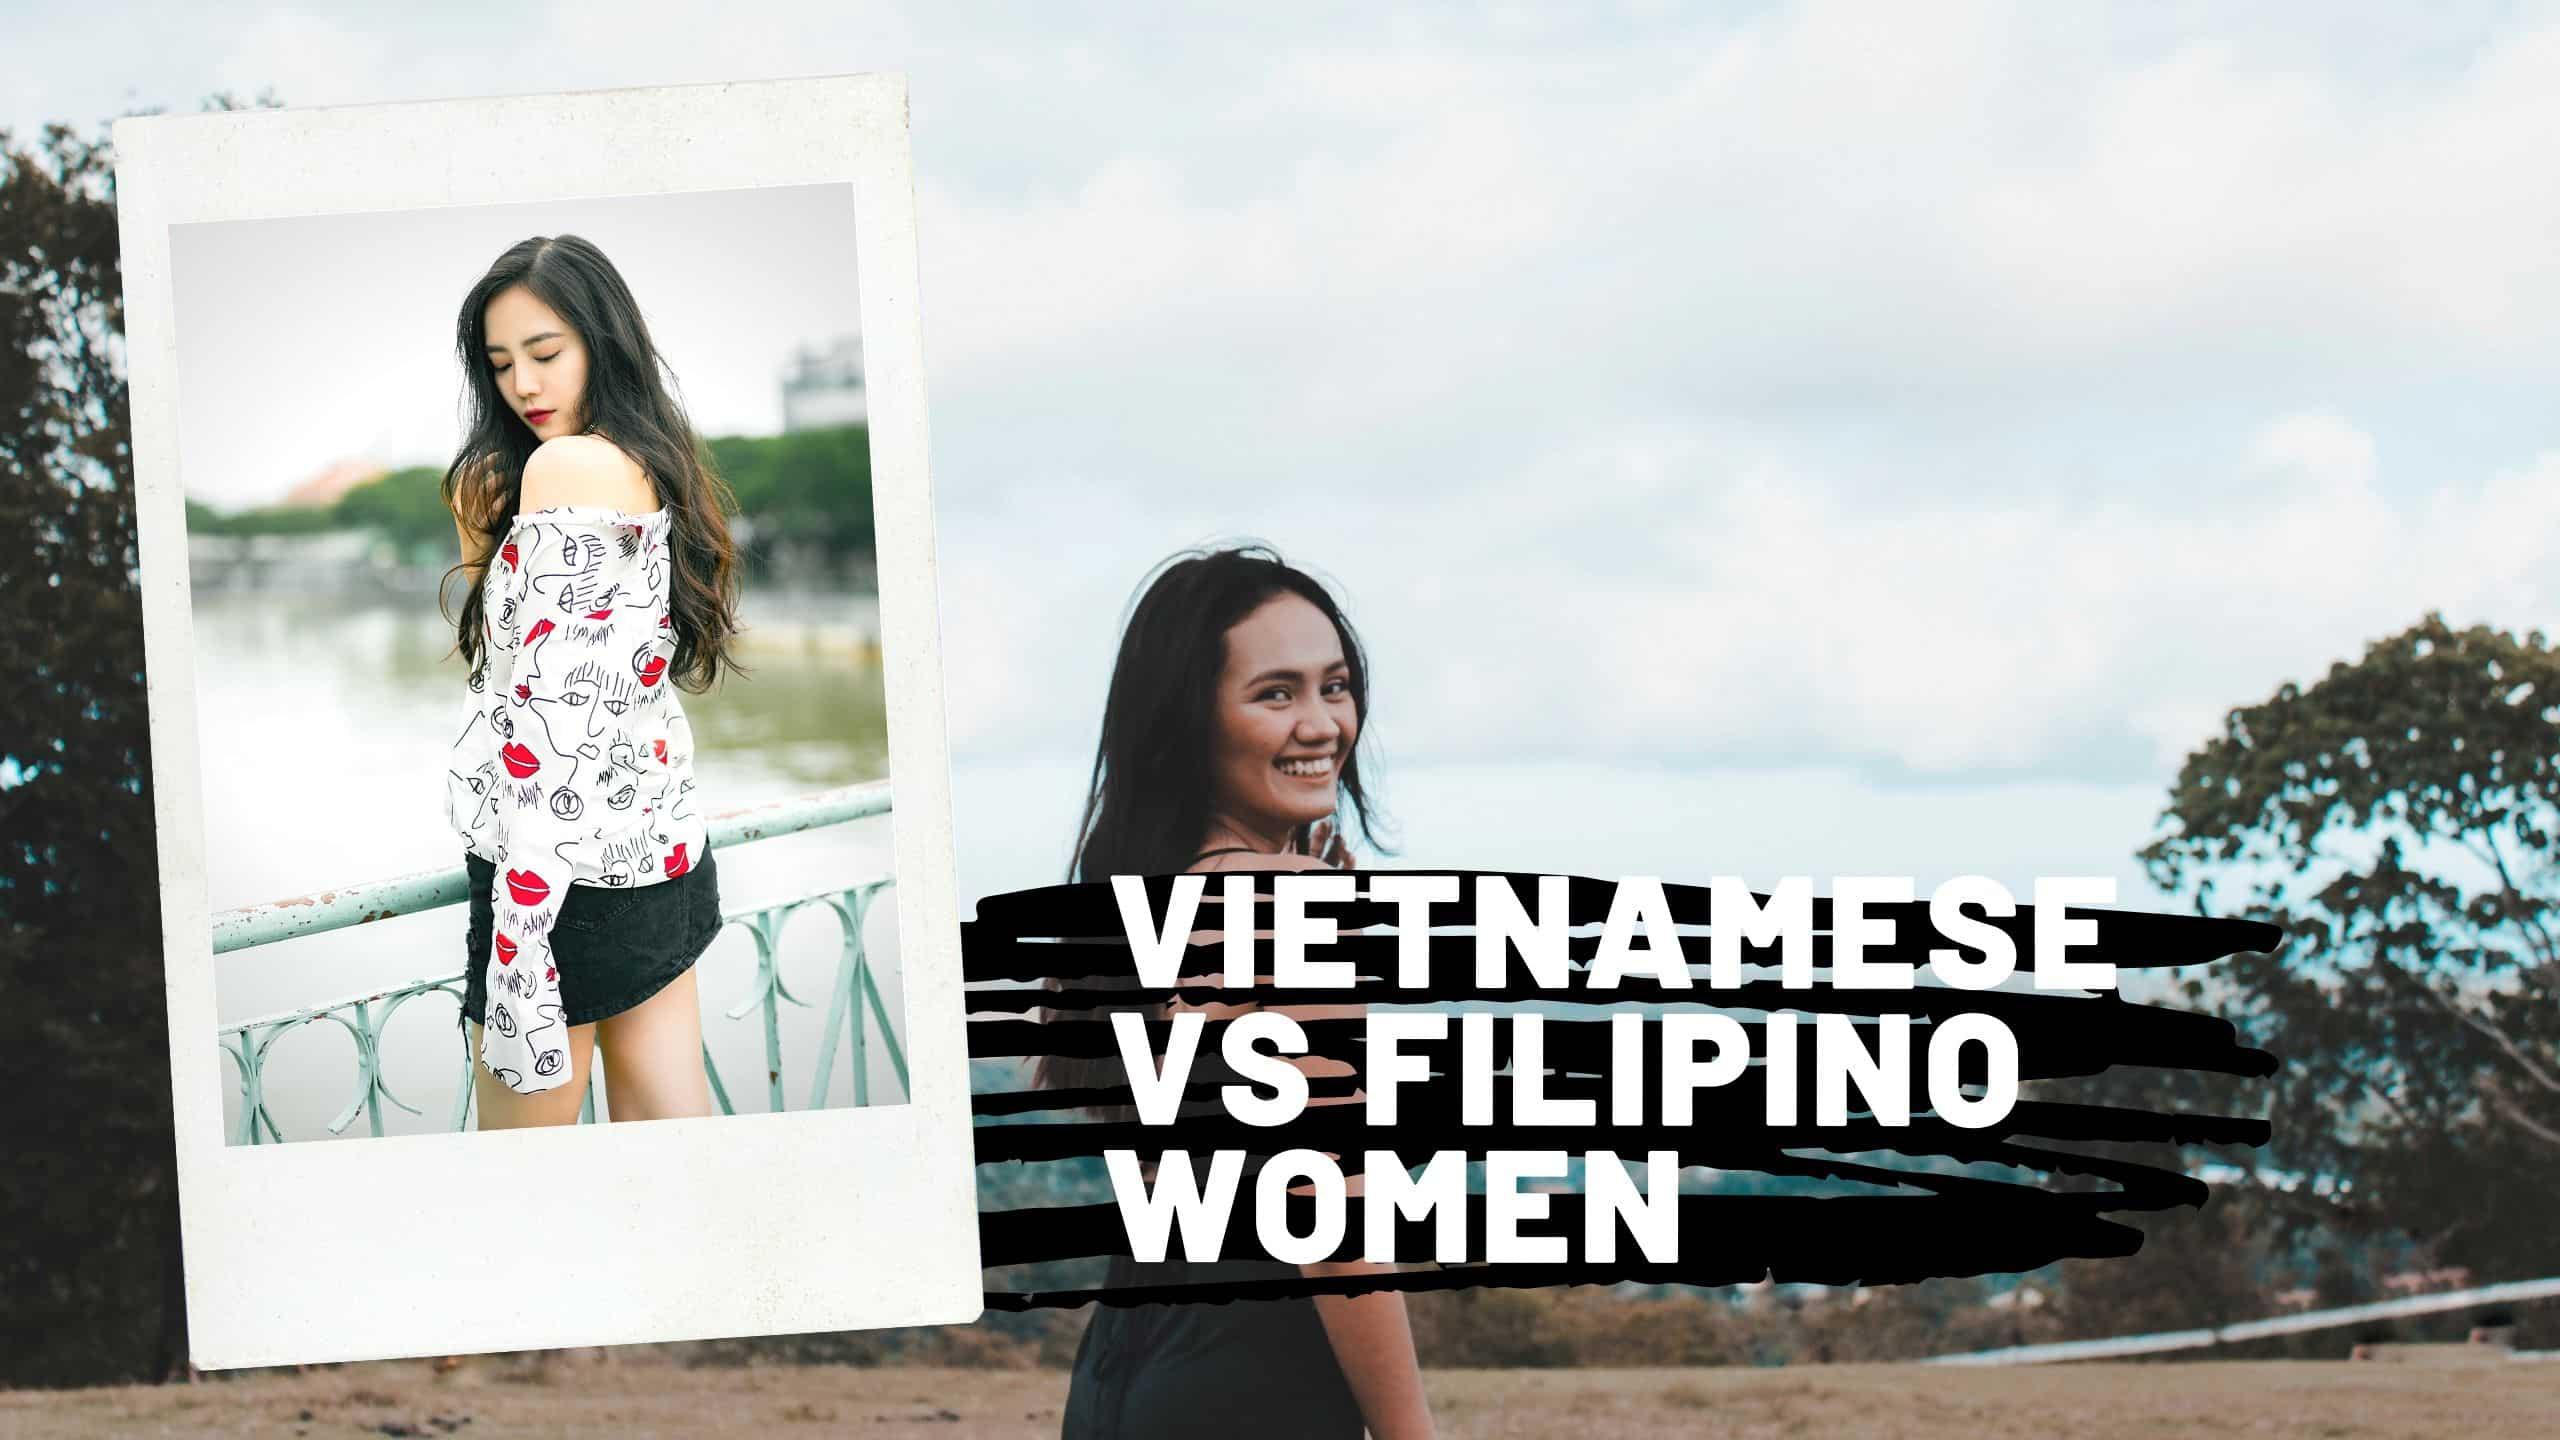 Vietnamese vs Finipina banner